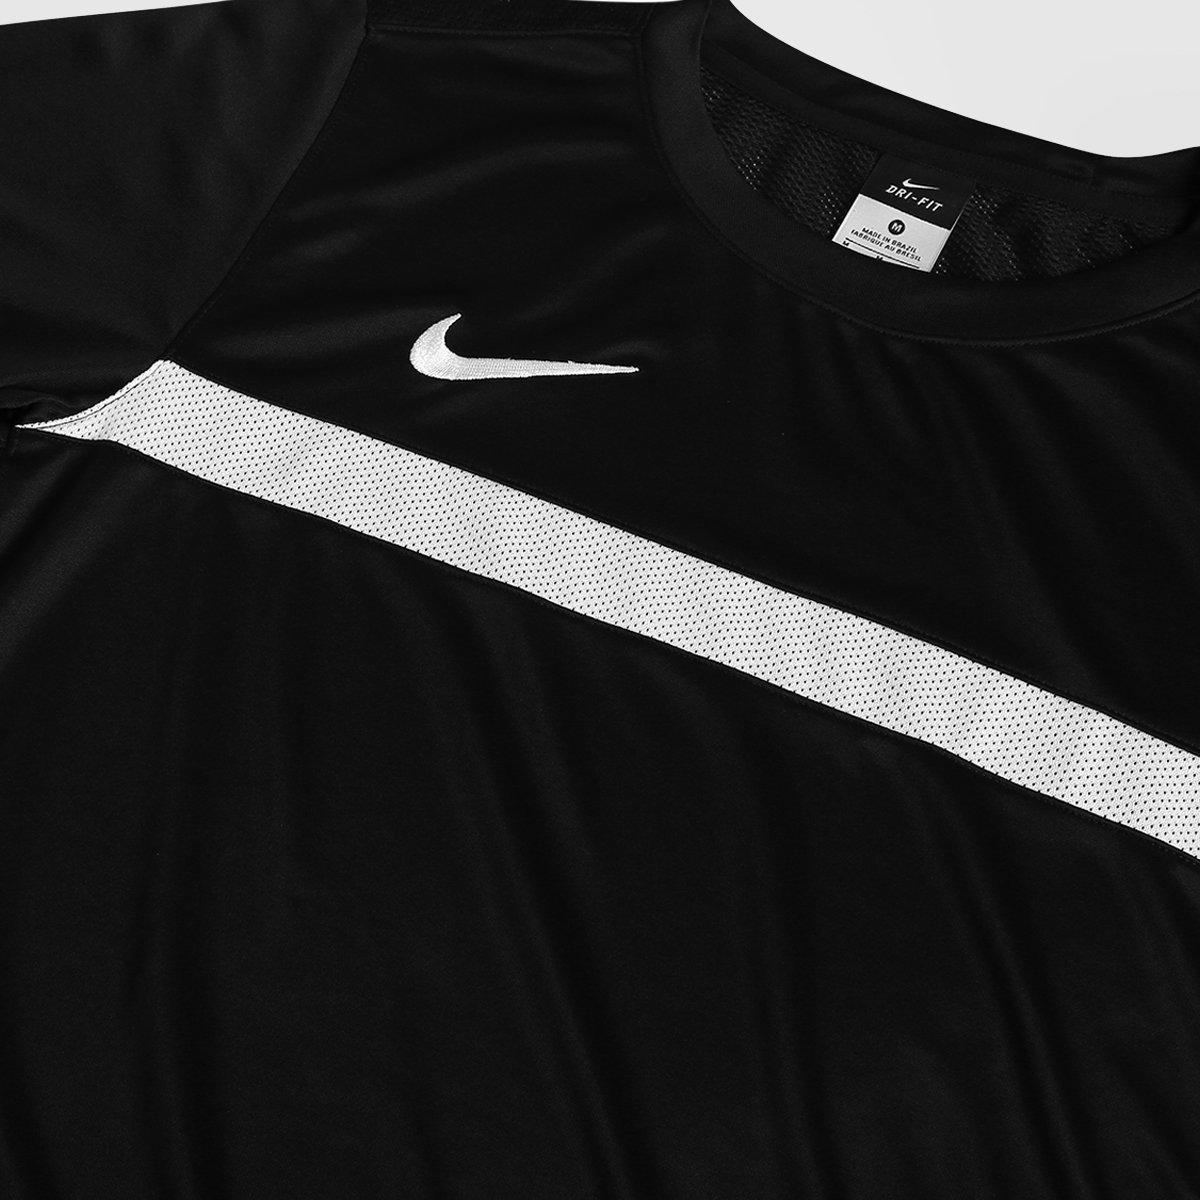 6f32c984ae Camisa Nike Academy Training 1 - Compre Agora